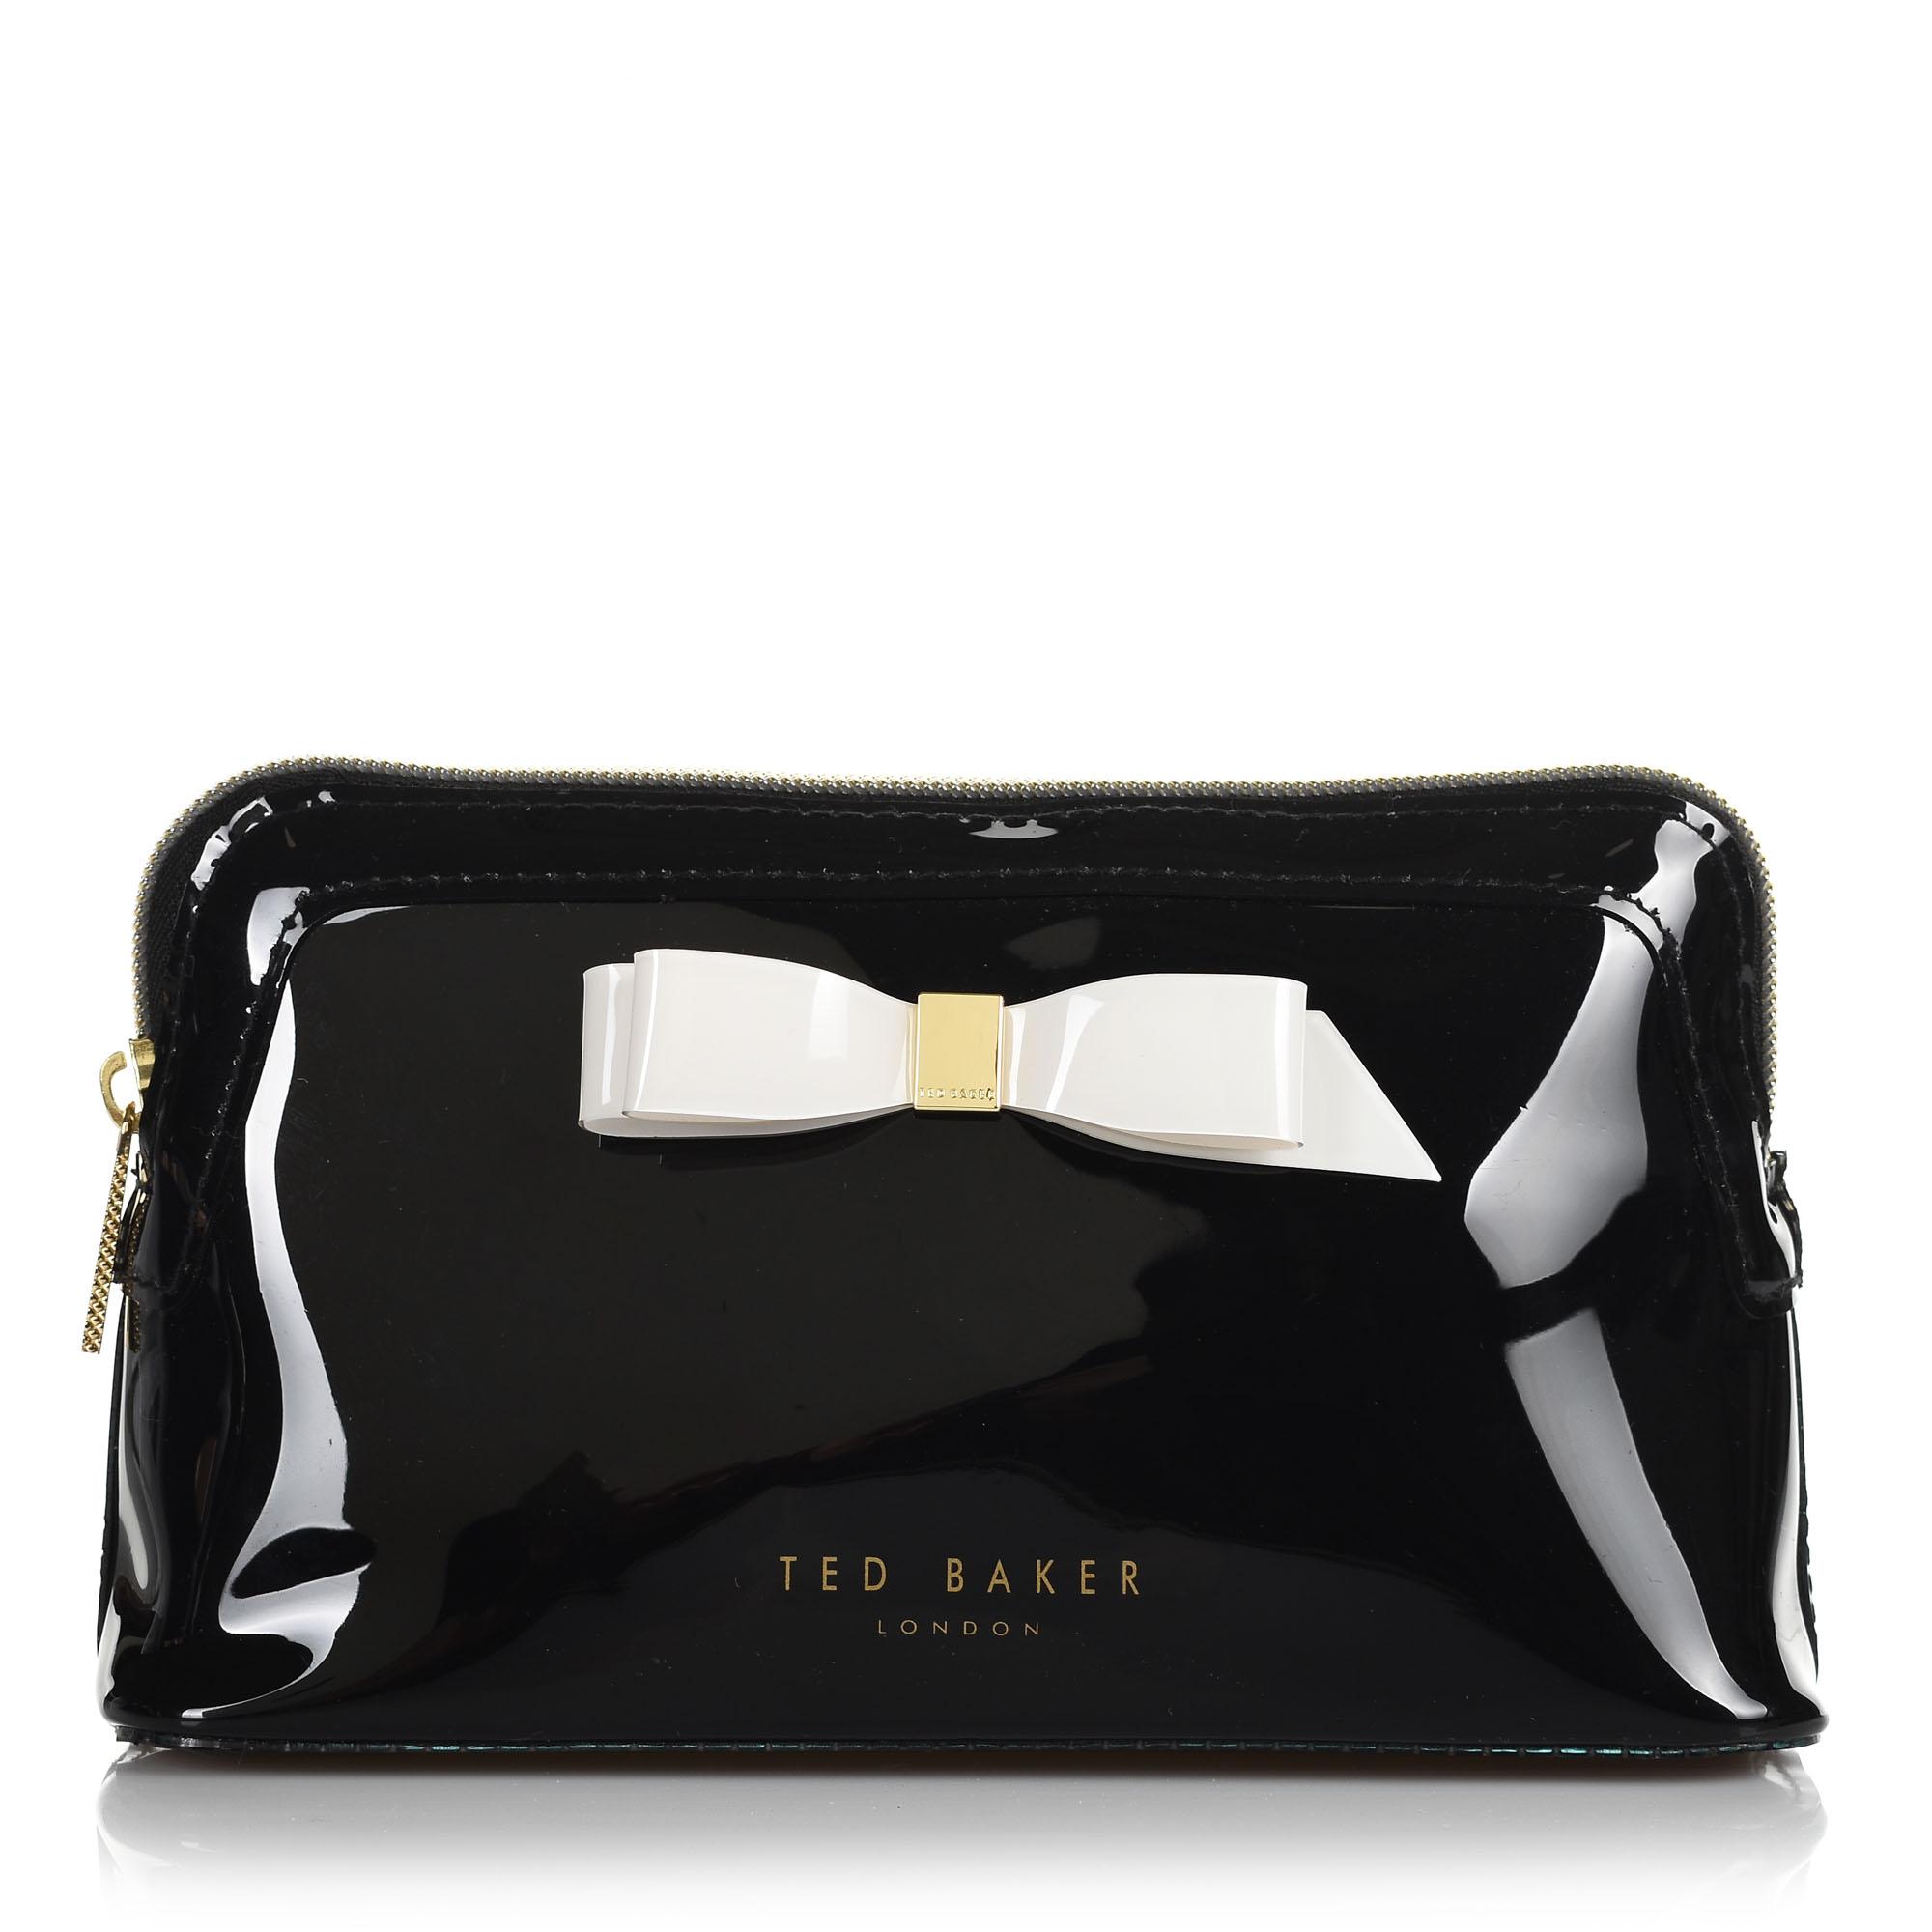 Νεσεσέρ Ted Baker Bow Makeup Bag DH9W 150966